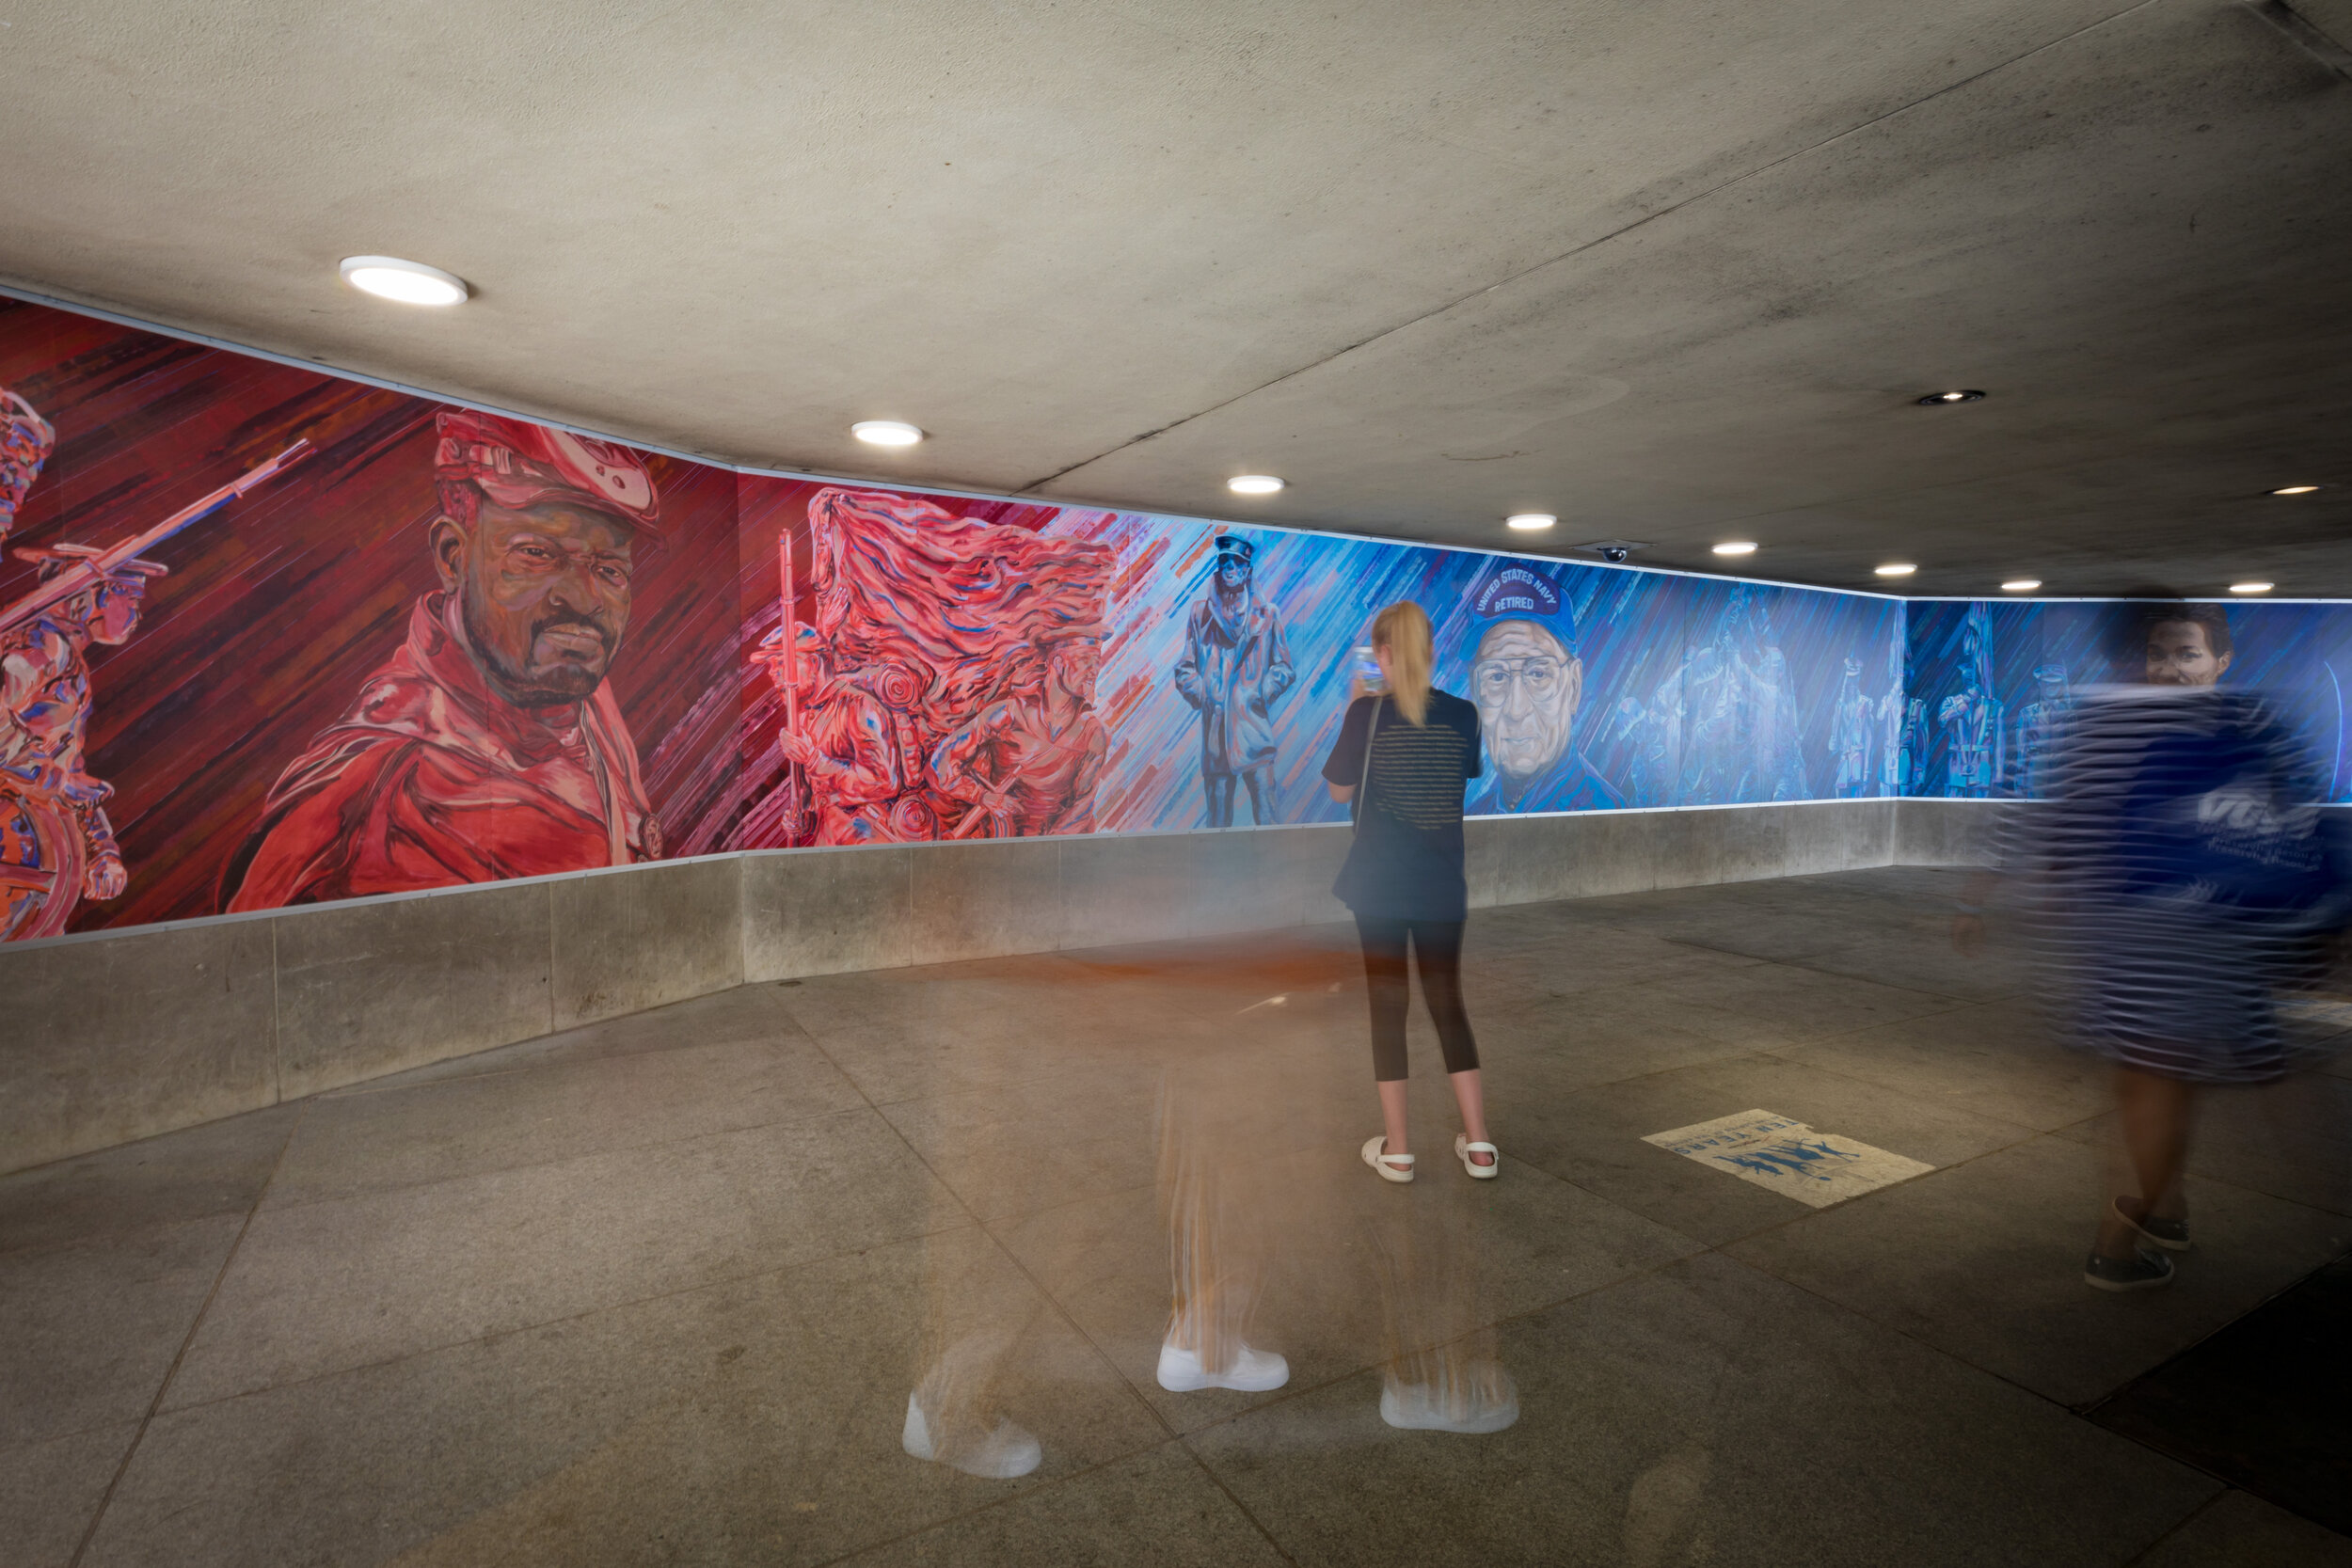 2019-05-DowntownDCBID-MuralUnveiling-Storybox-KF-182.jpg